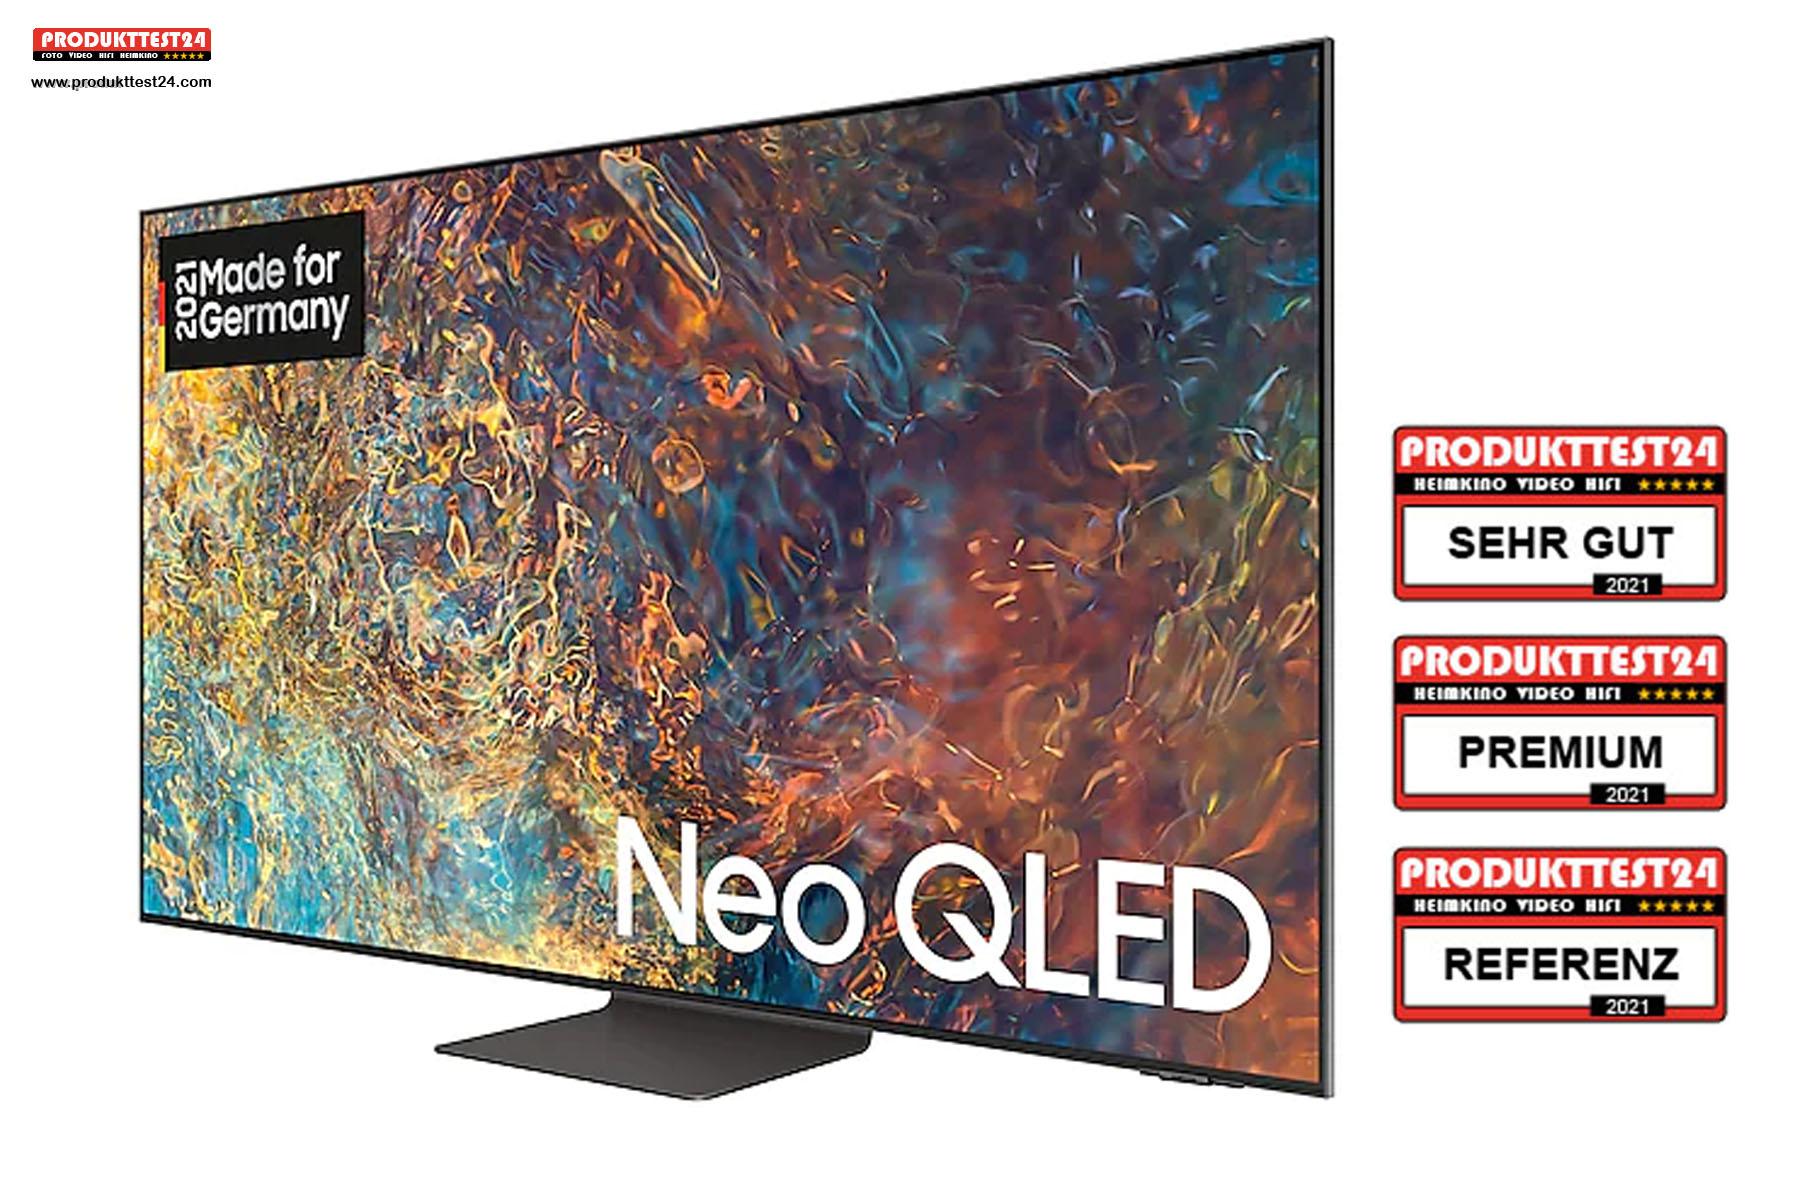 Samsung GQ55QN95A - Einer der besten 55 Zoll 4K-Fernseher 2021.